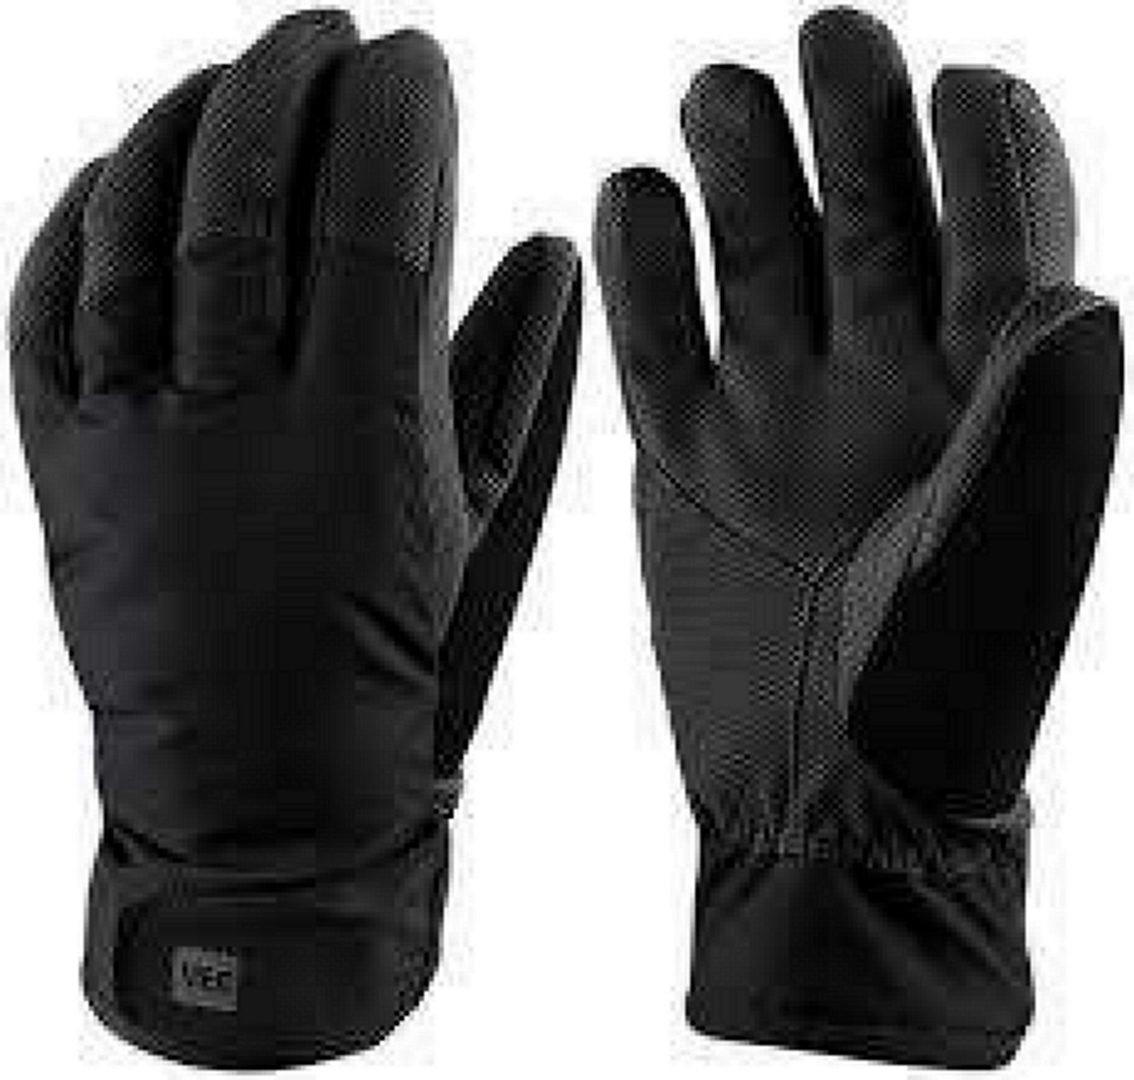 VEC Gloves, Black